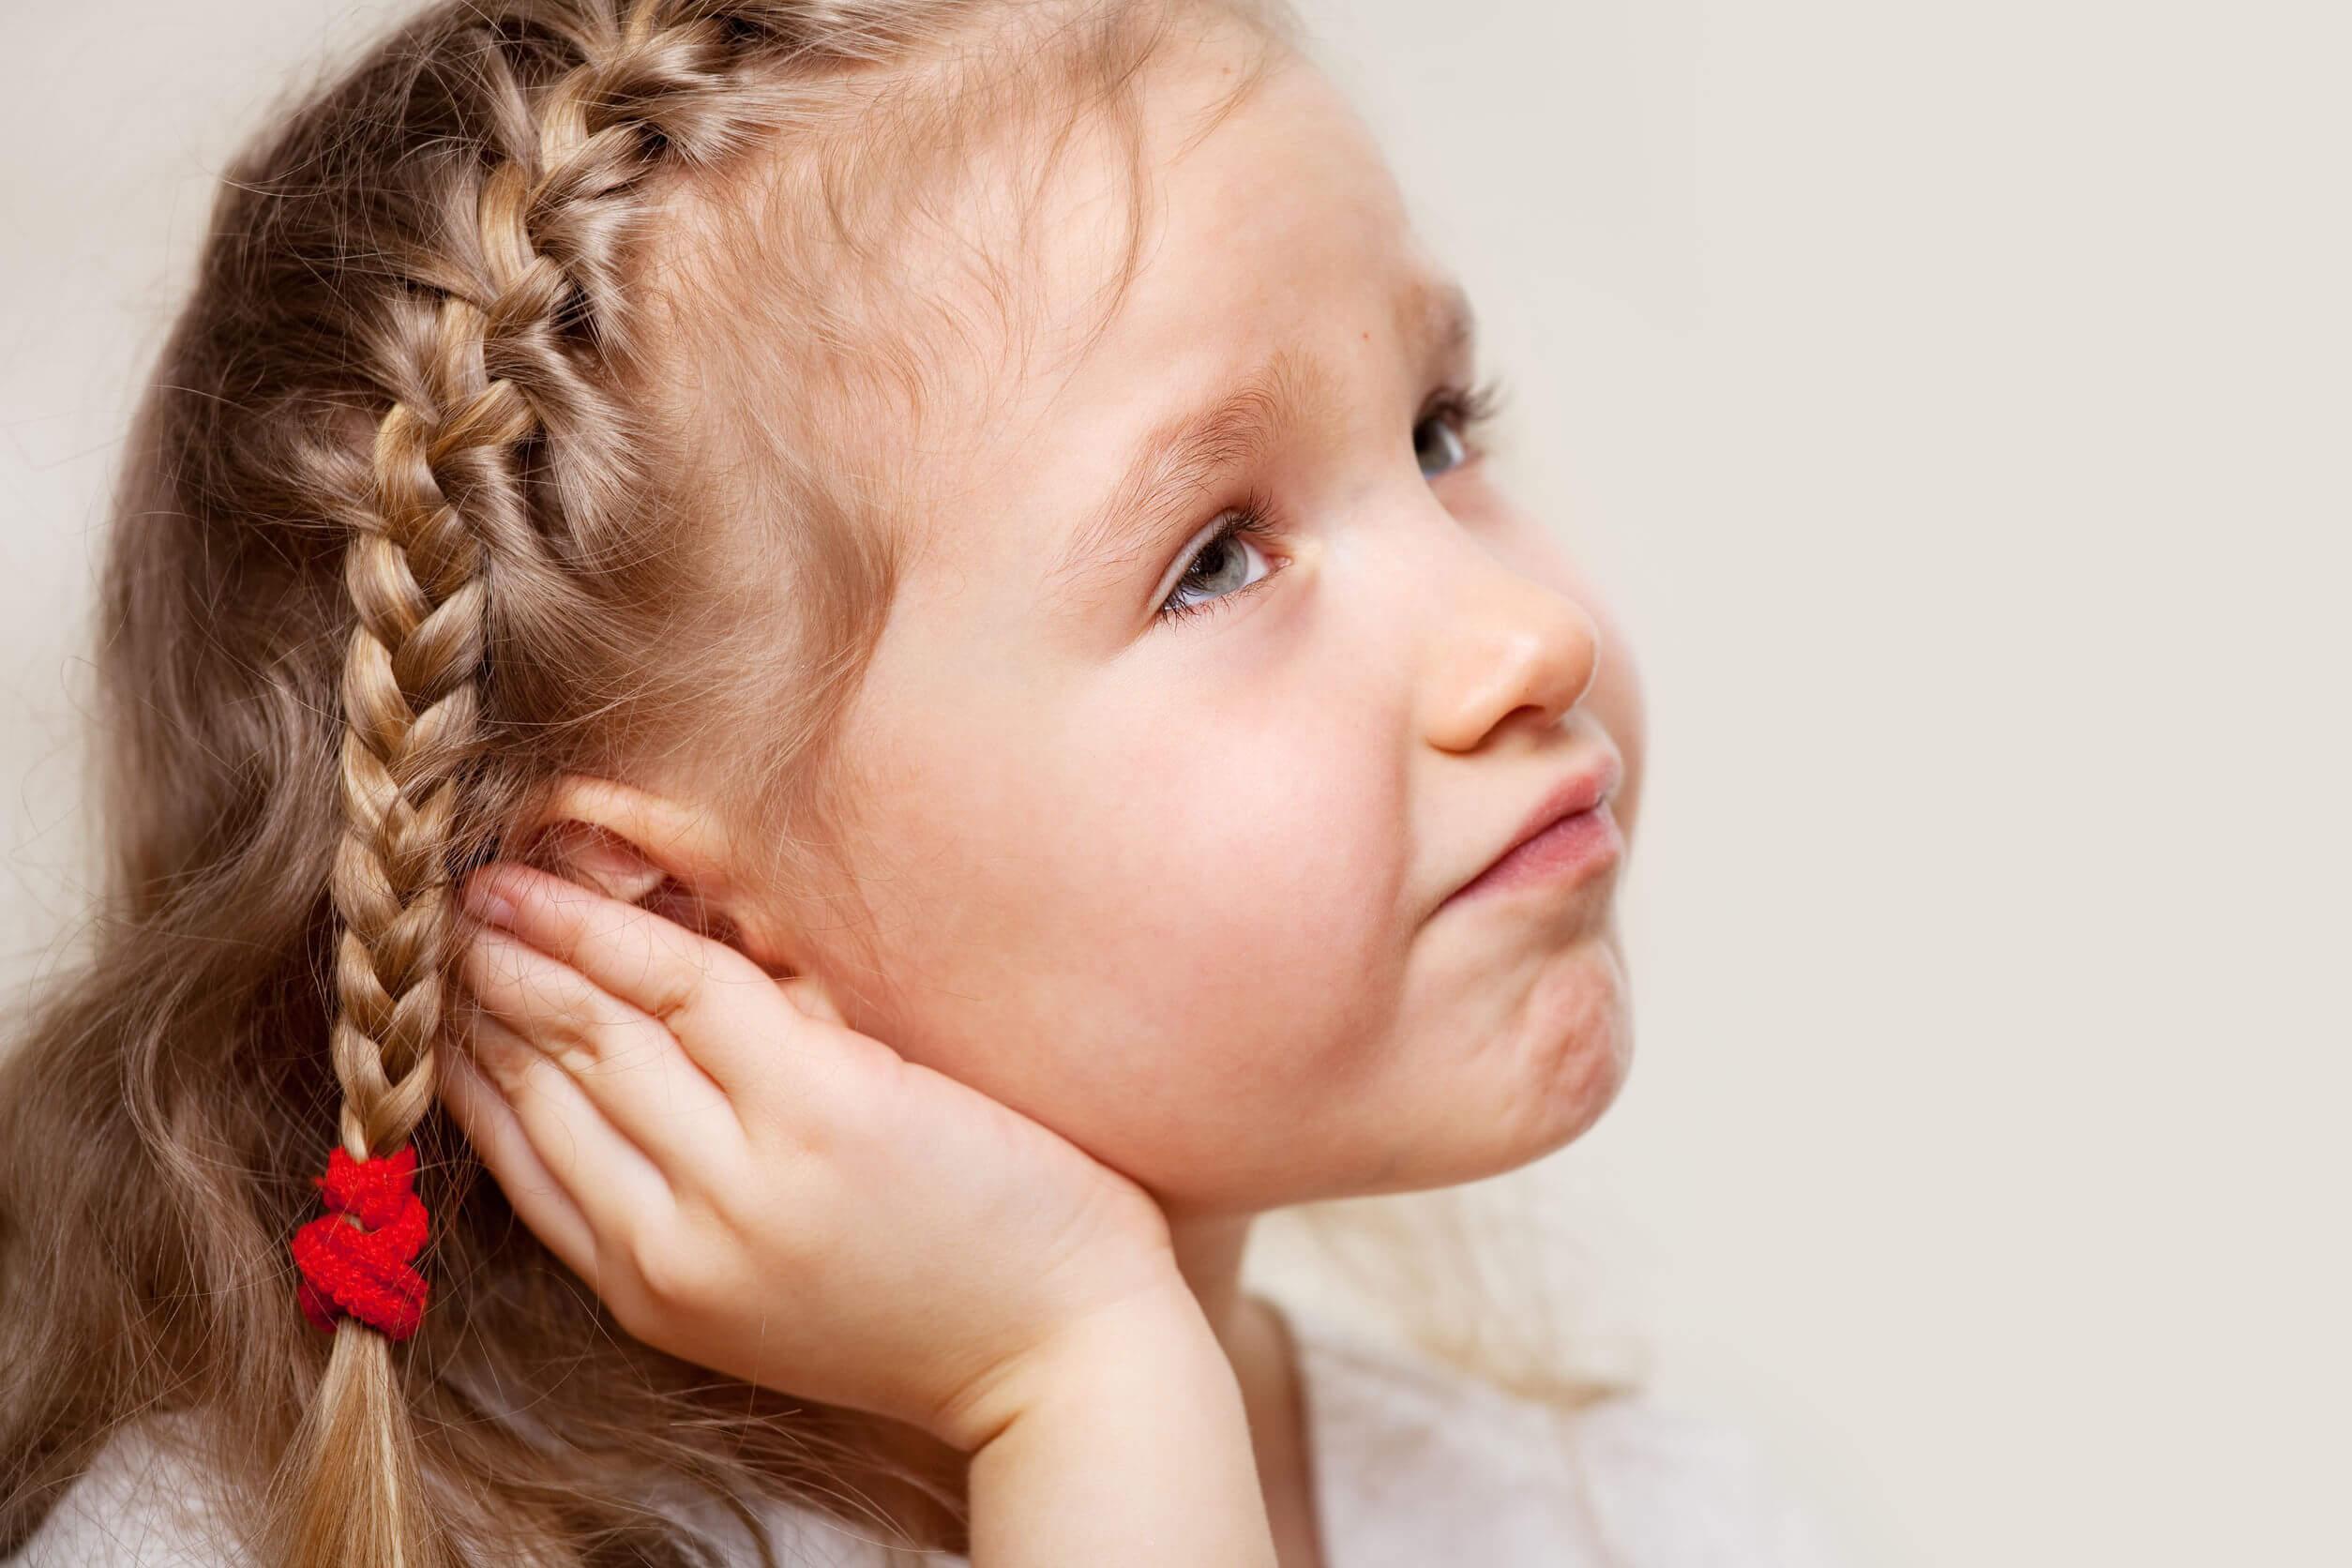 L'otite è una delle malattie dell'orecchio più comuni.